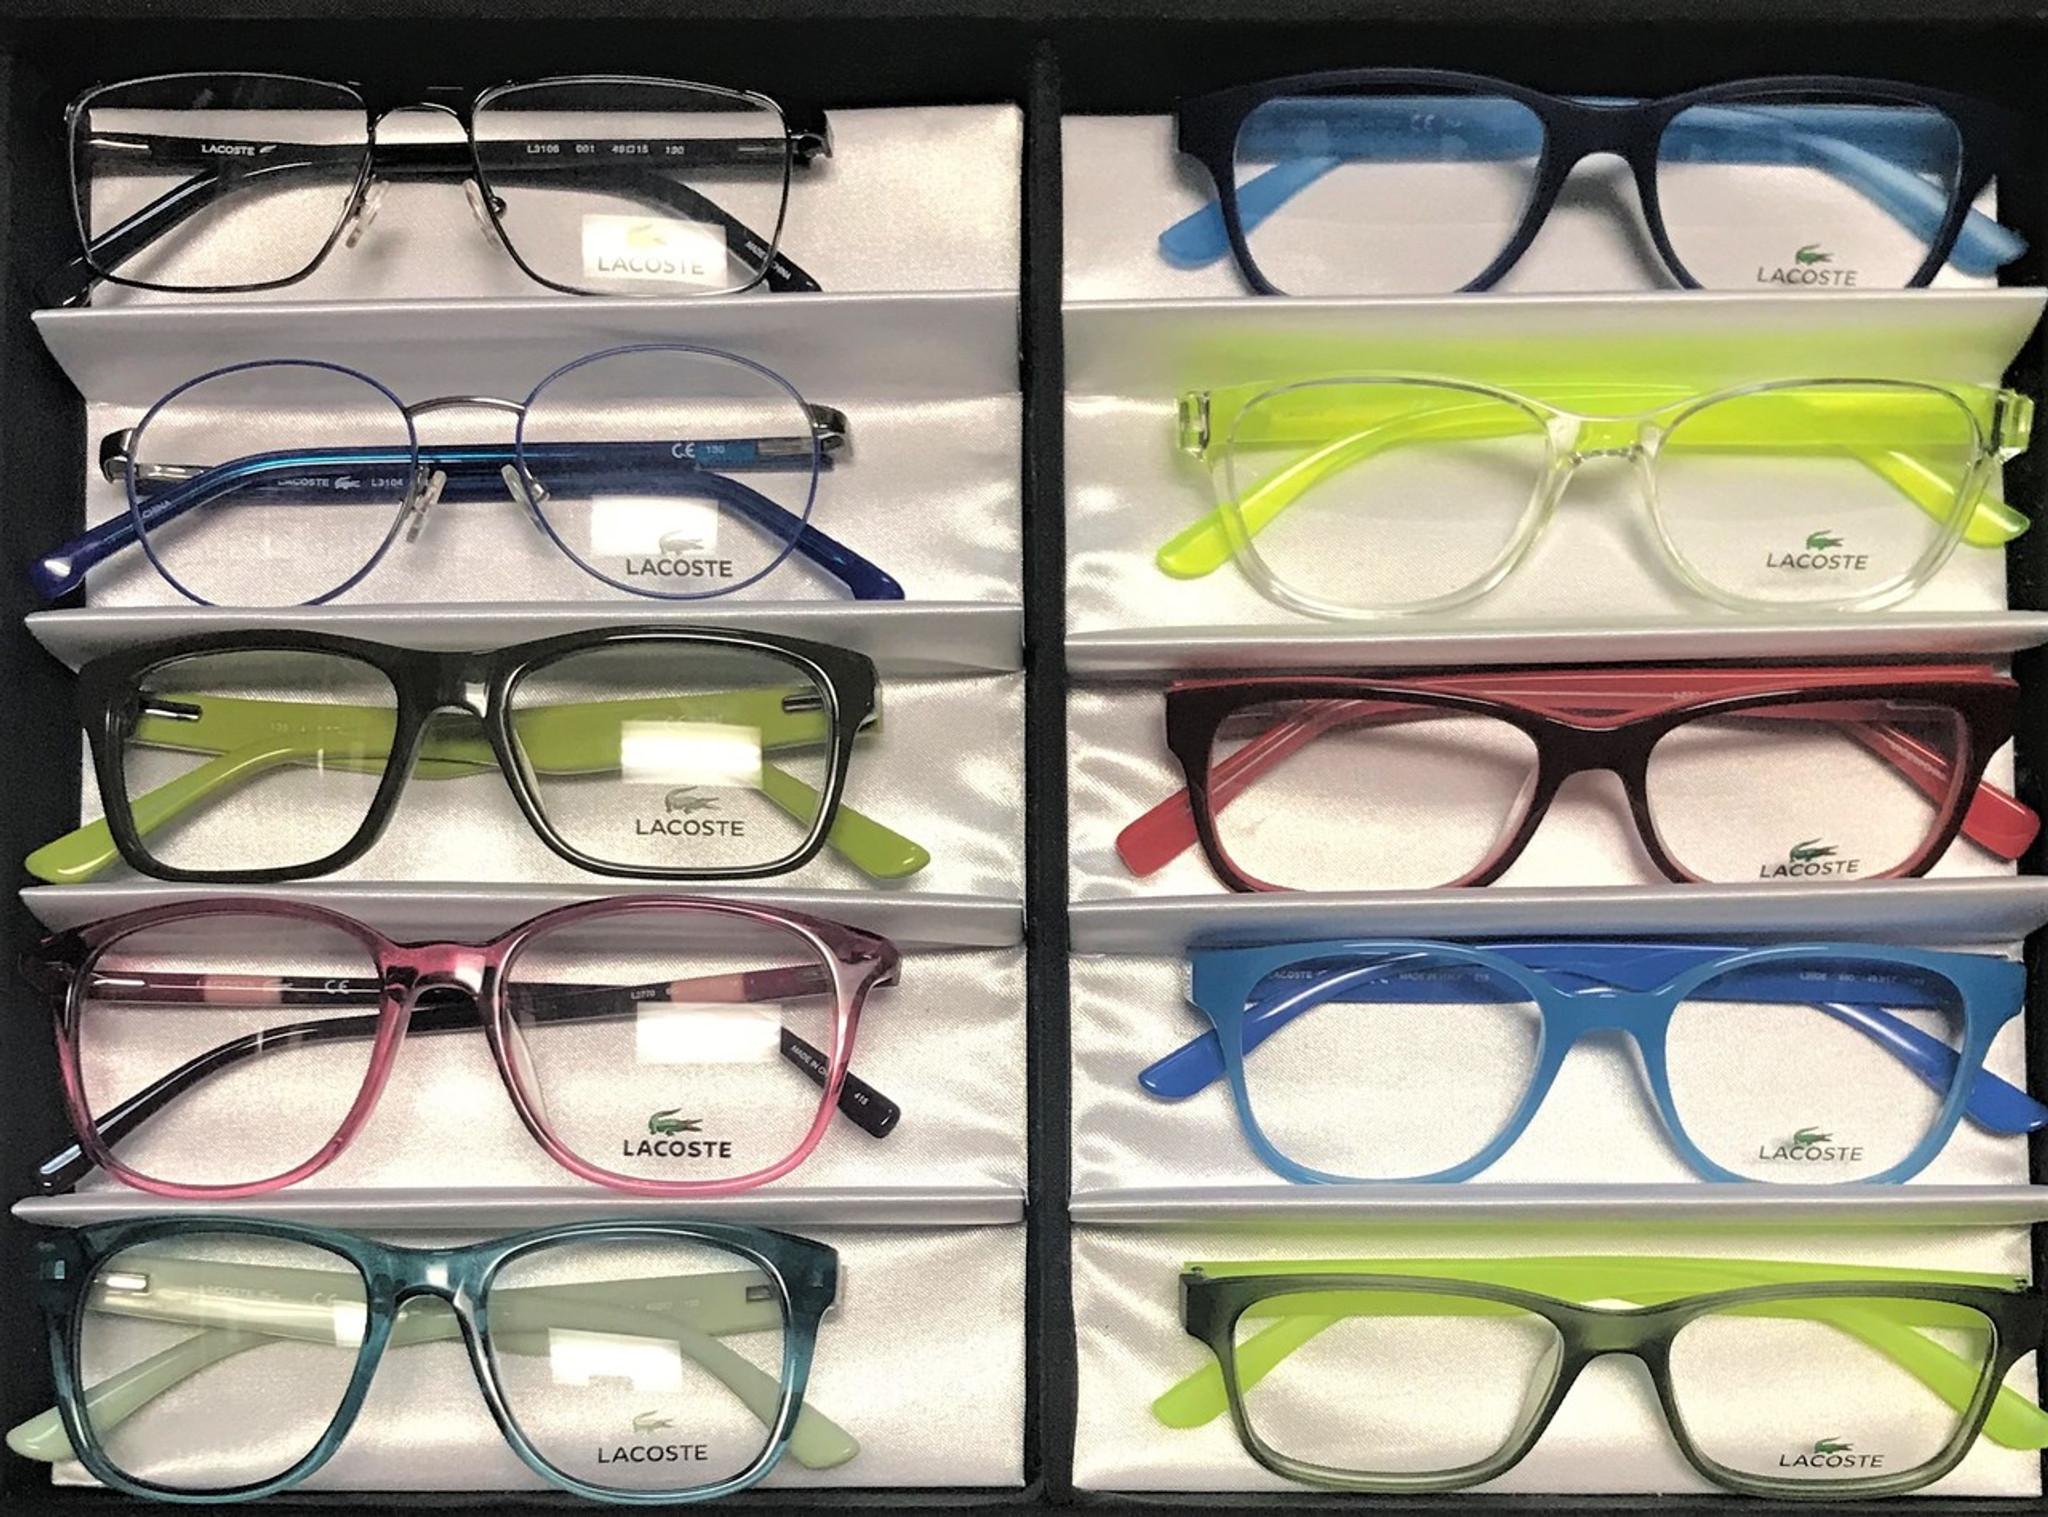 177ad893d88 LACOSTE KIT  16 (10 pc) KIDS KIT - Wholesale Eyeglasses